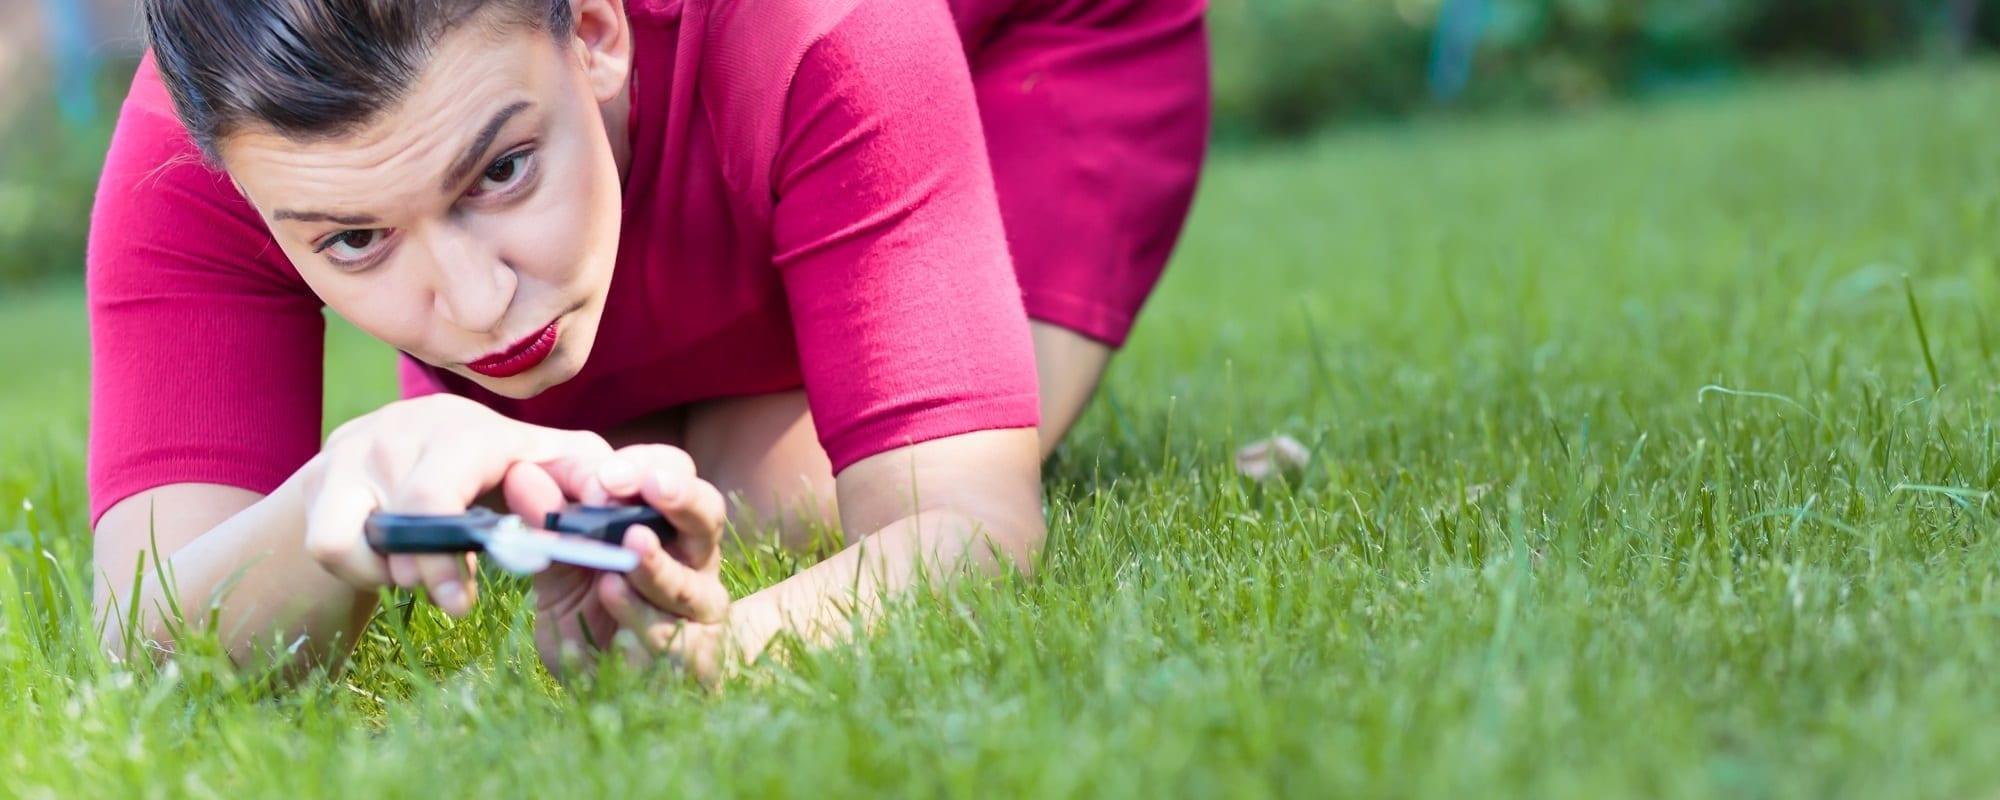 Woman cutting a grass using a scissors